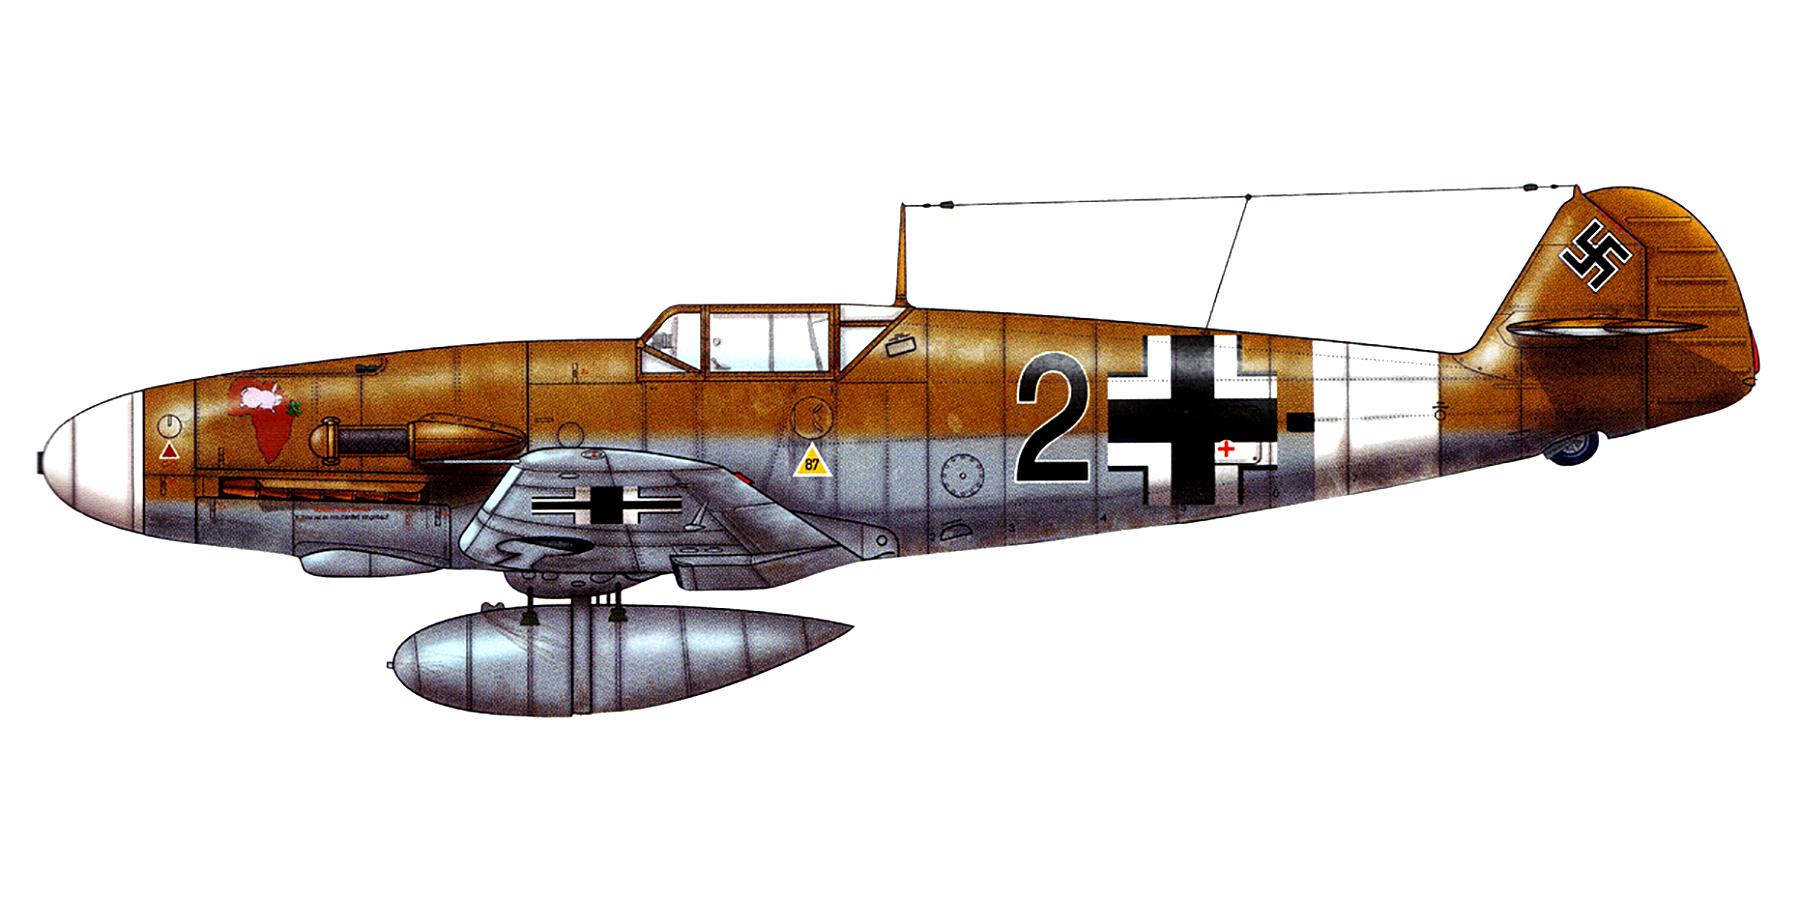 Messerschmitt Bf 109F4Trop 5.JG27 Black 2 Hans Neiderhofer North Africa Dec 1941 0A